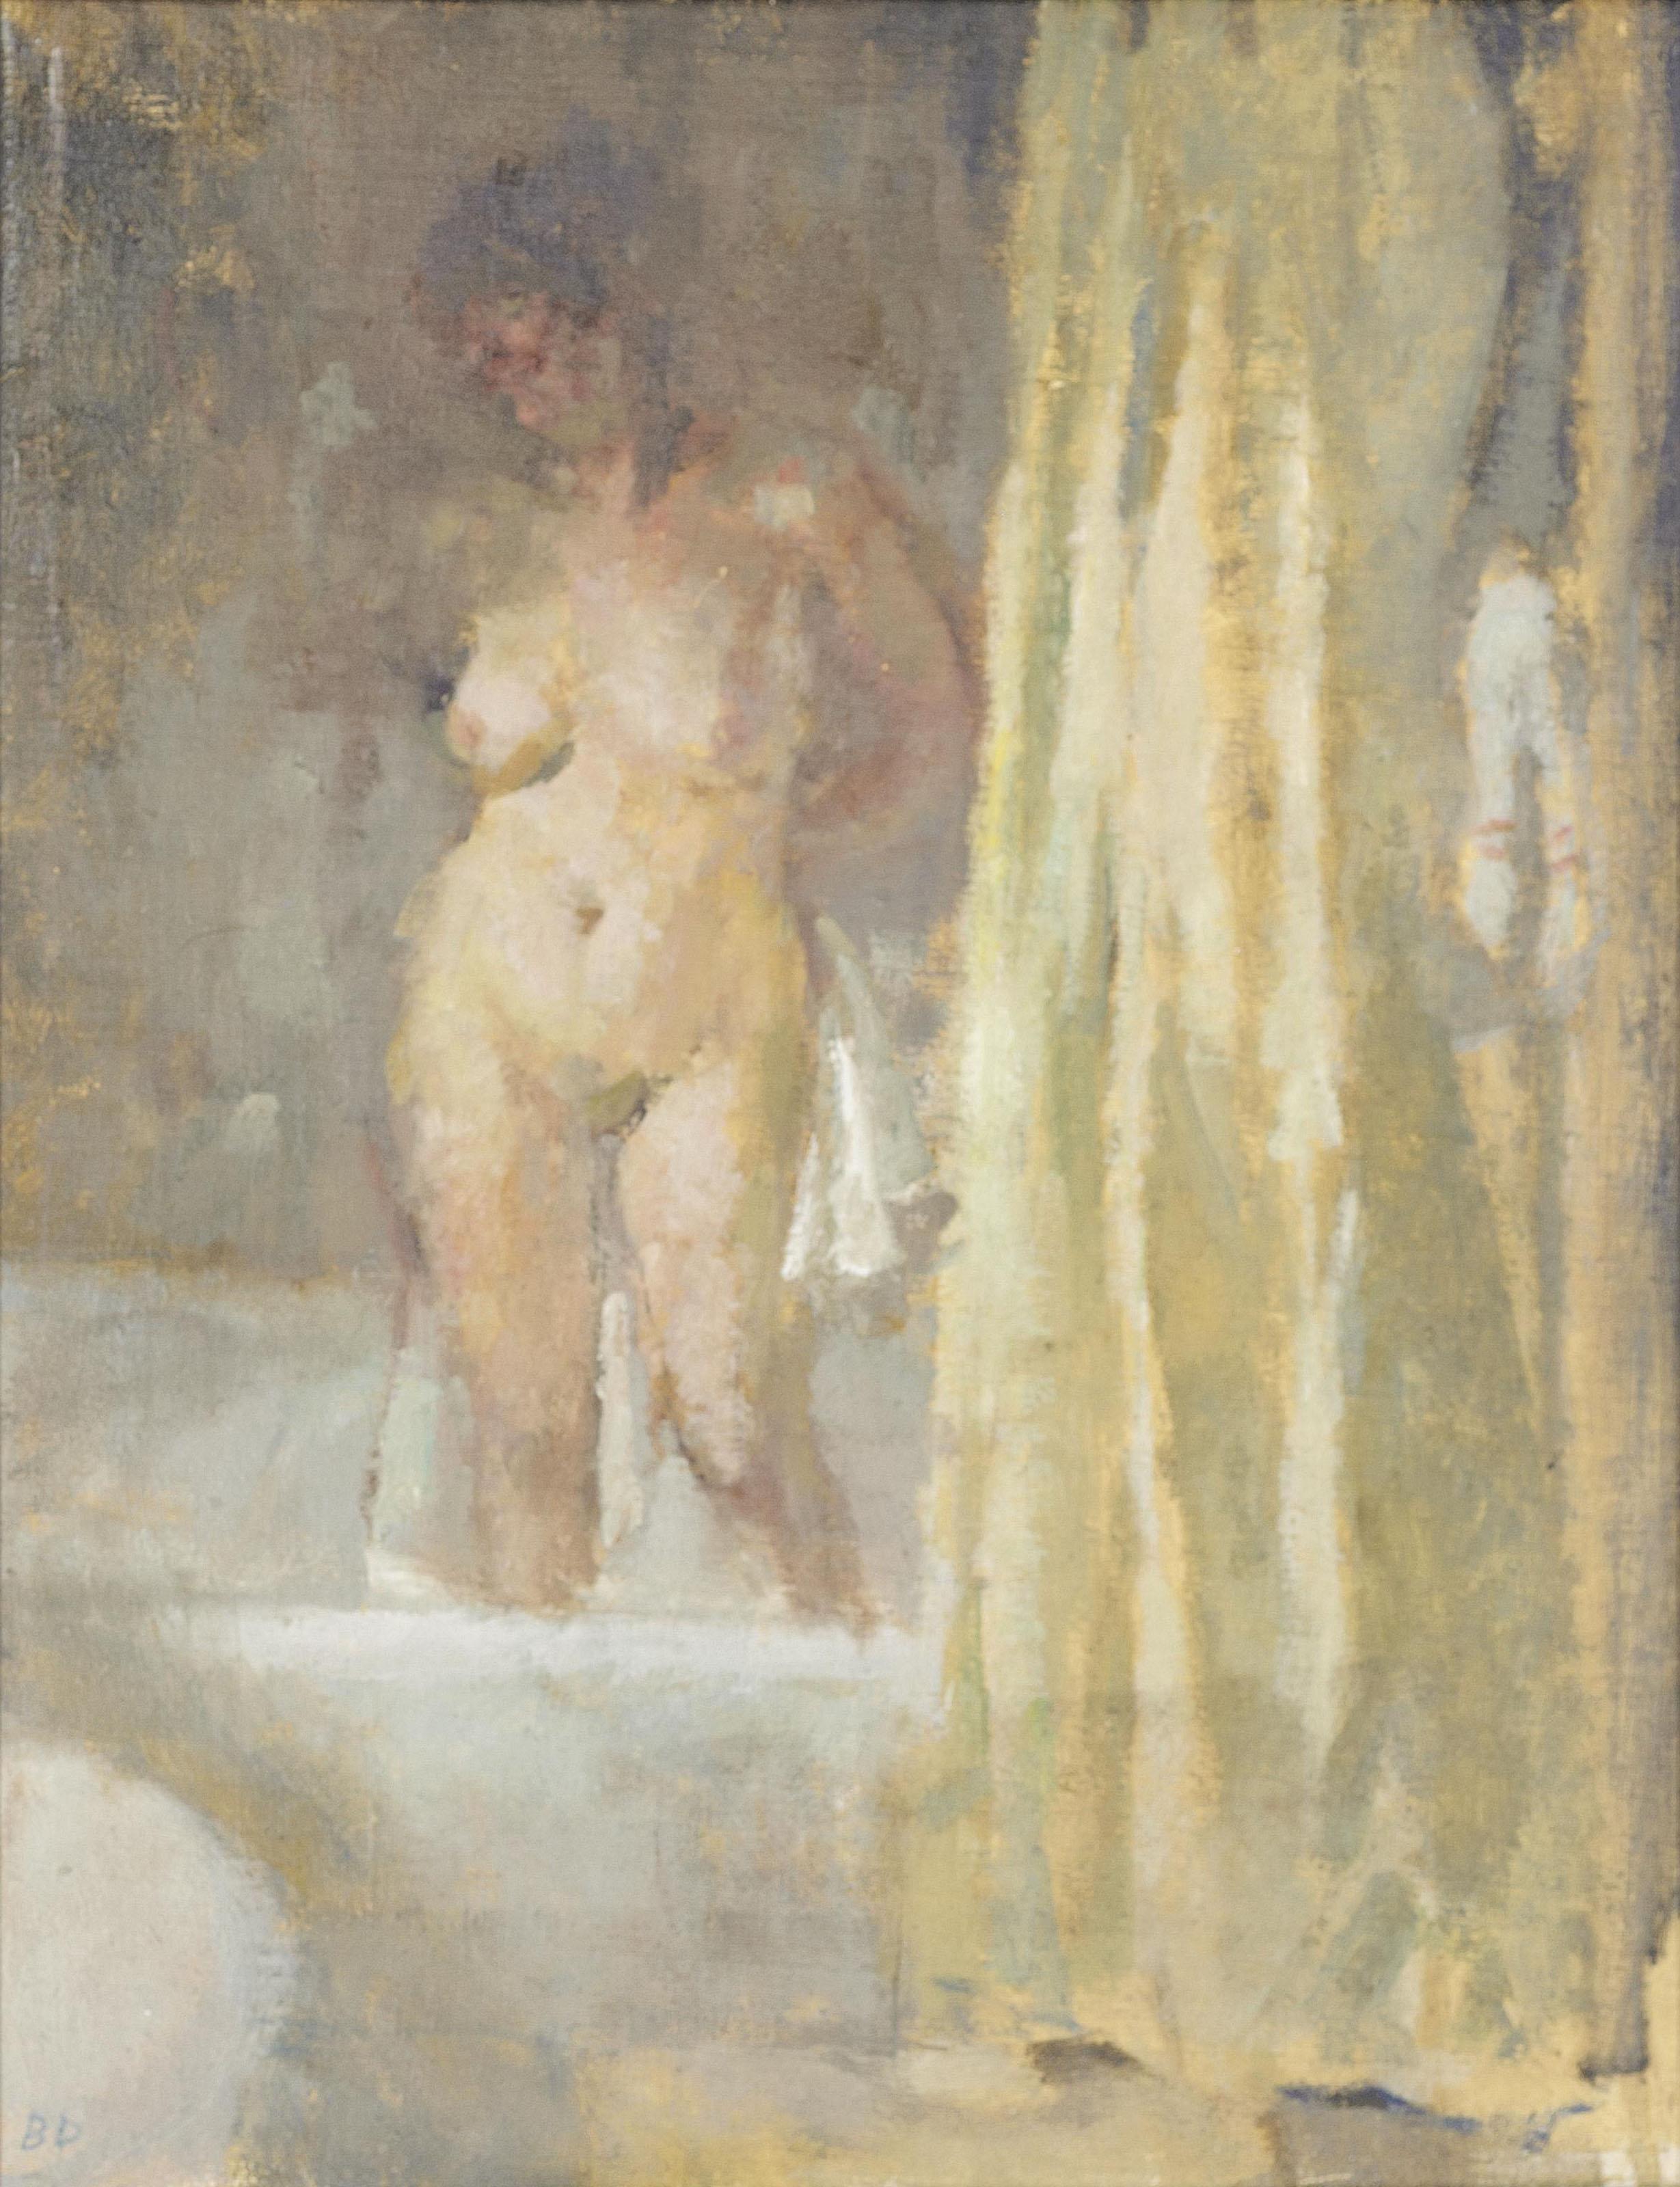 Bath in the Cabin